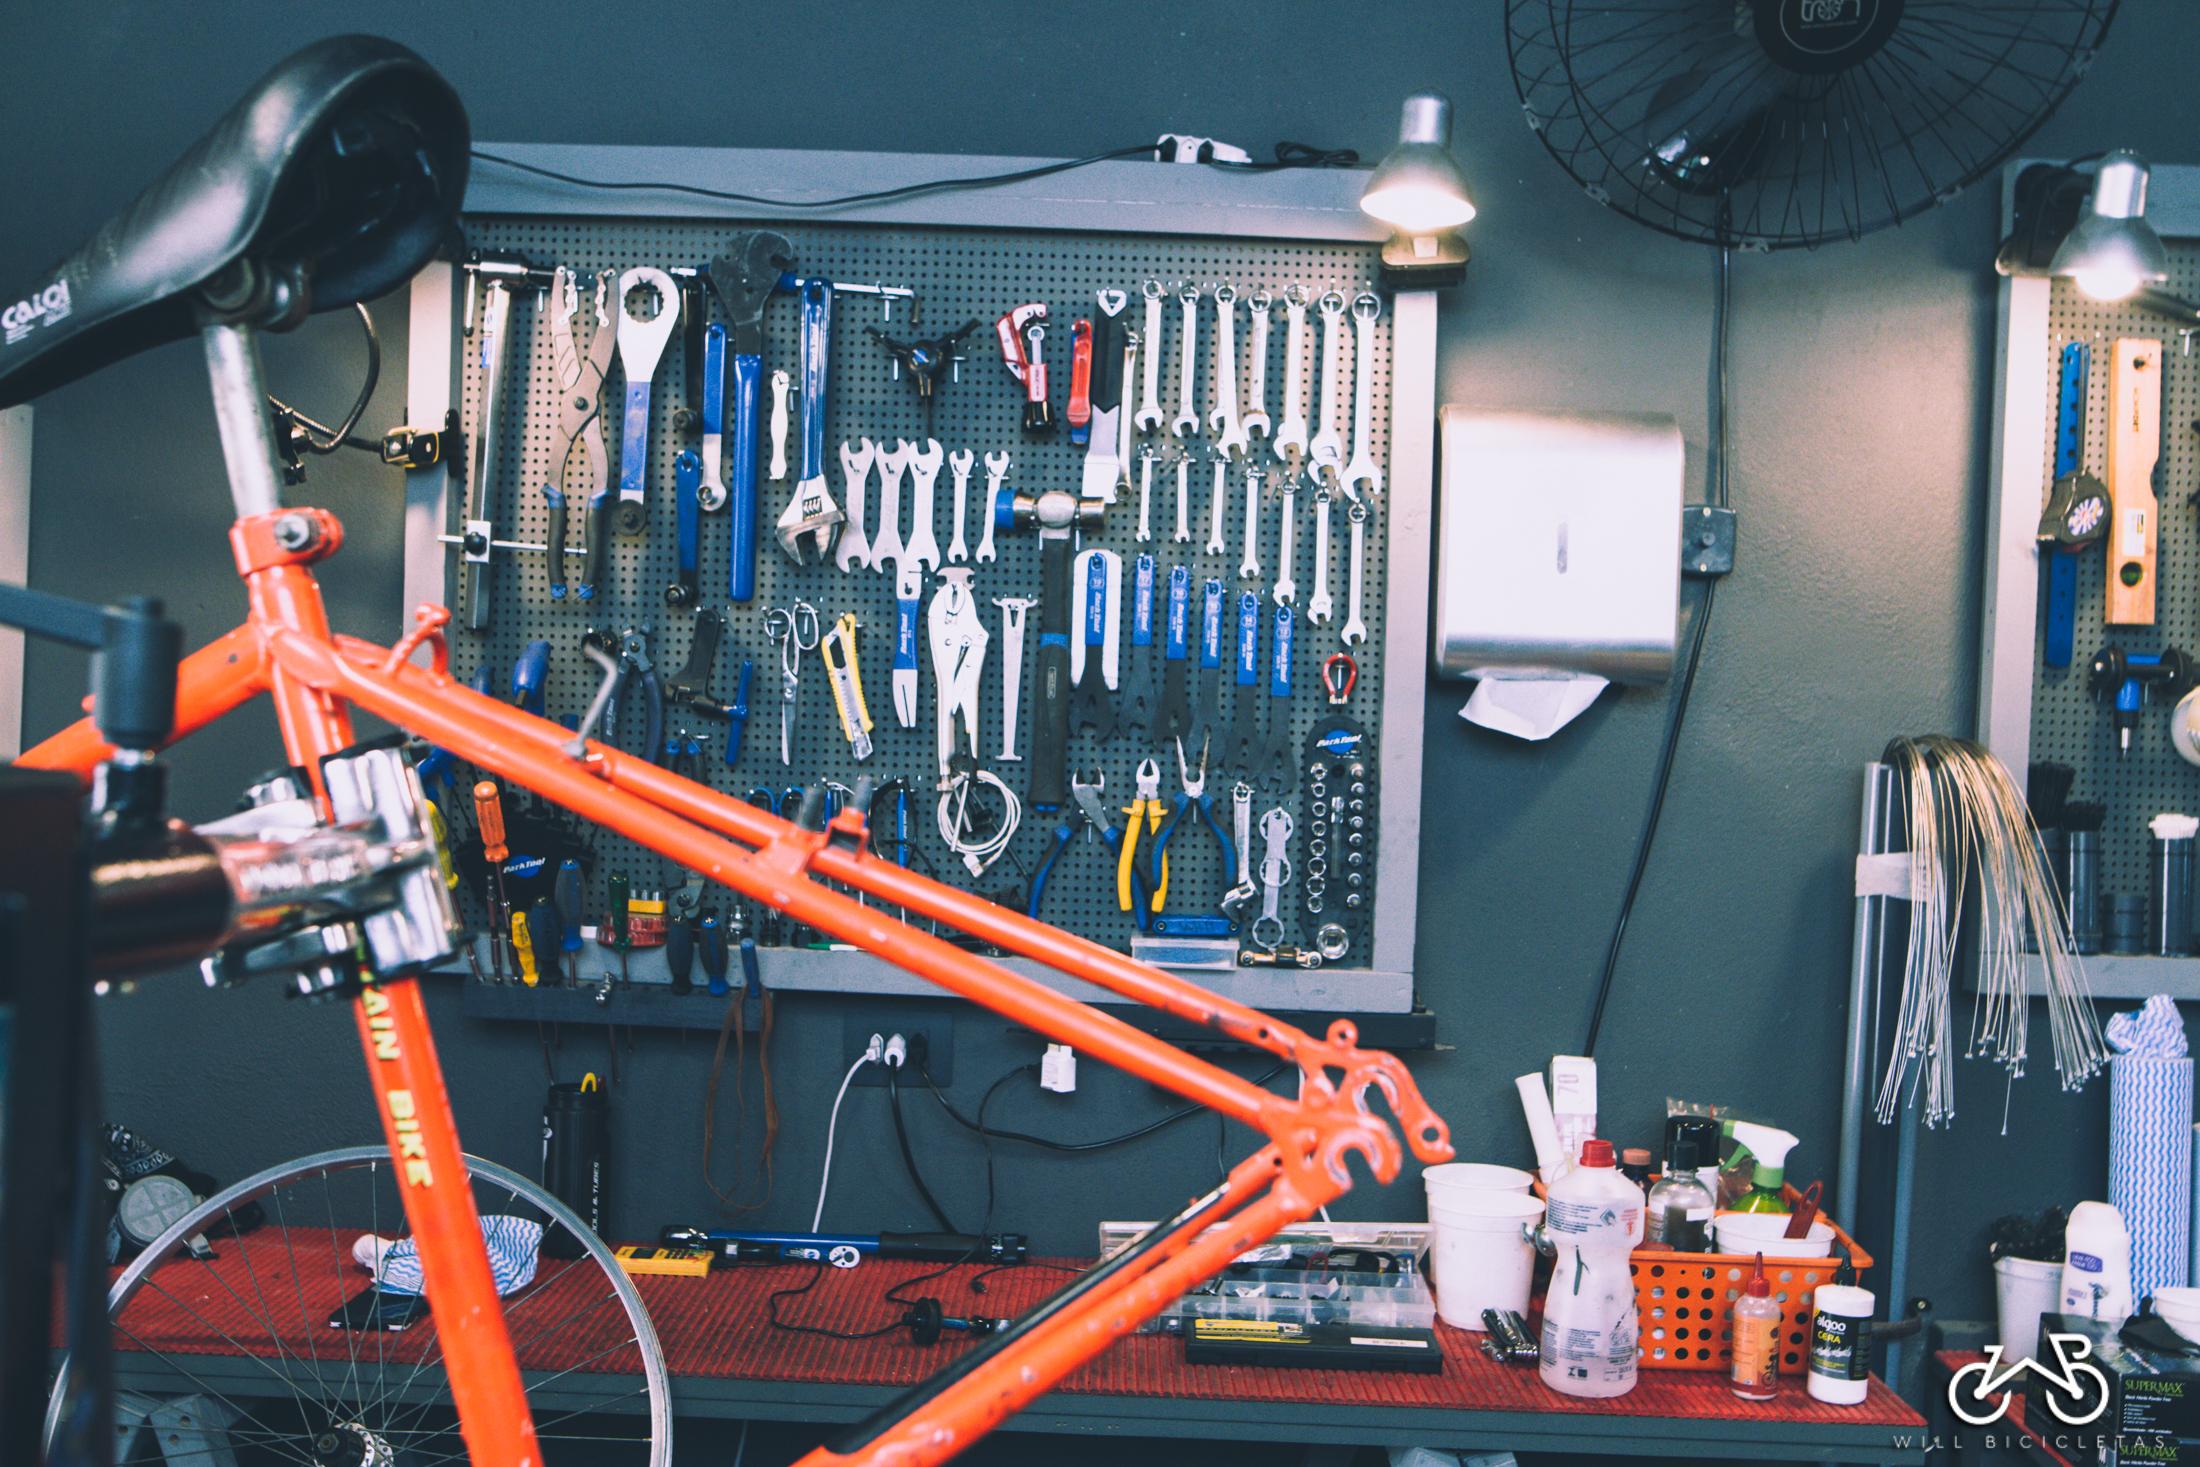 Mecânica - Nossas ferramentas garantem a melhor qualidade e rapidez nas manutenções. Sua bike será ajustada com precisão para o adequado funcionamento dos recursos e maior segurança ao pedalar. Realizamos desde simples reparos até revisões gerais em todo tipo de Bicicleta.